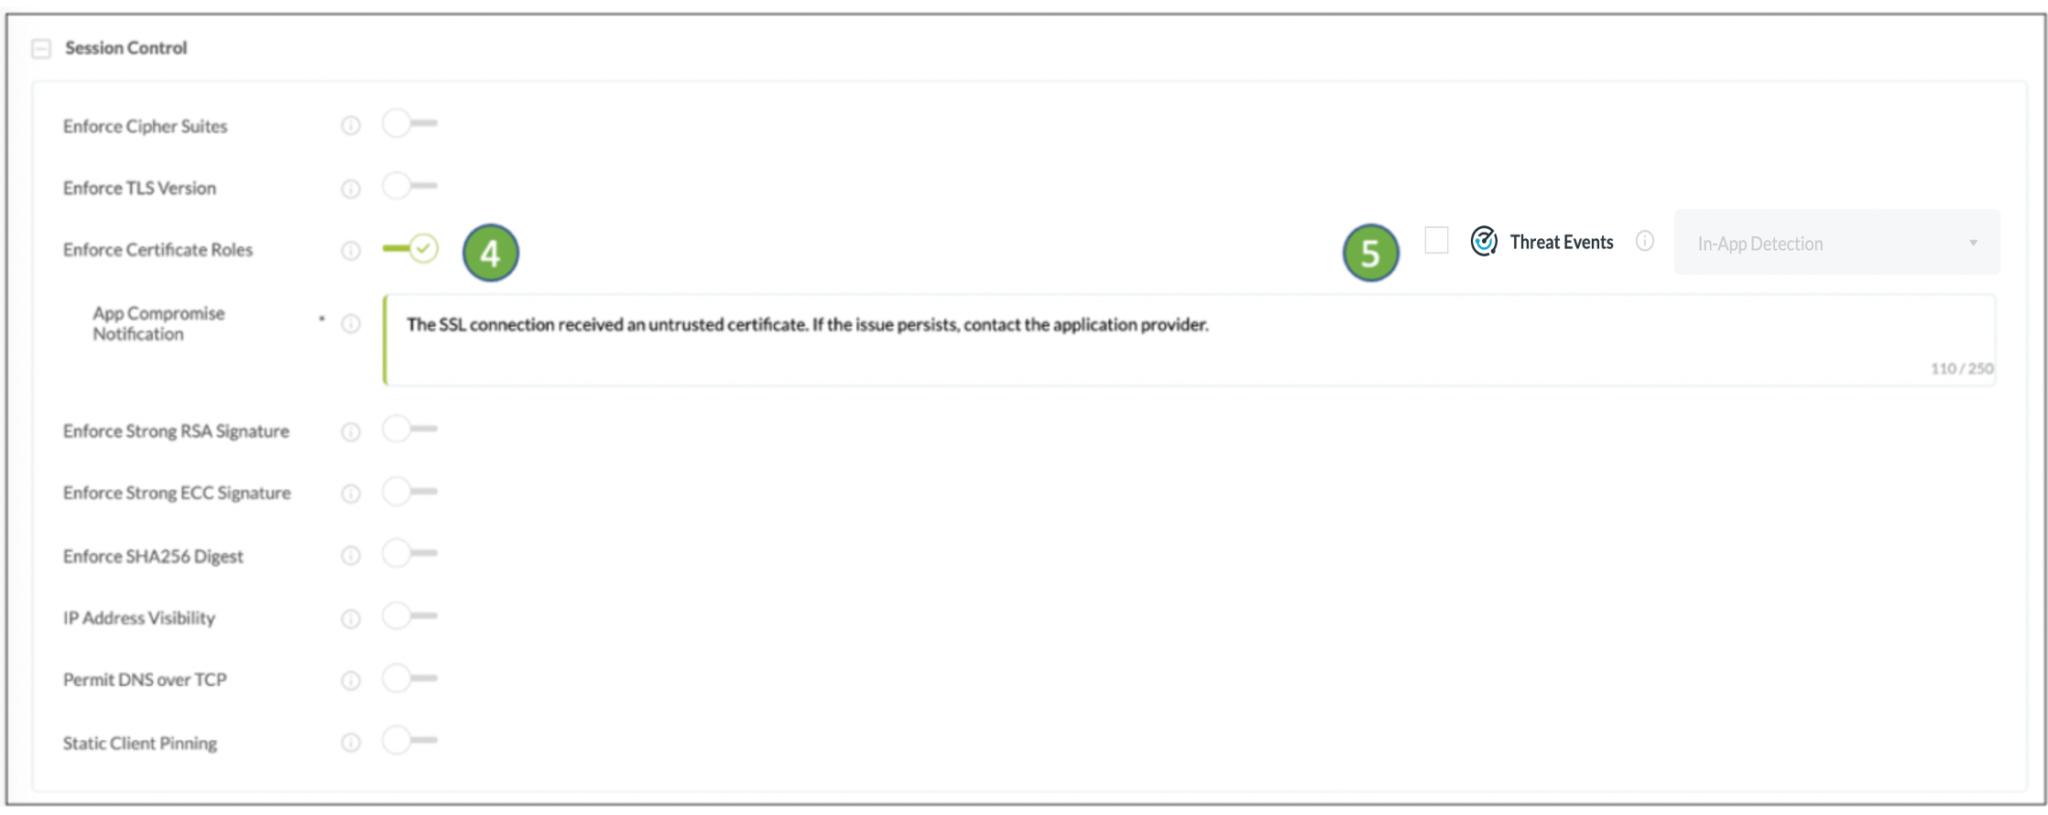 Enforce TLS SSL Certificate Roles in mobile apps